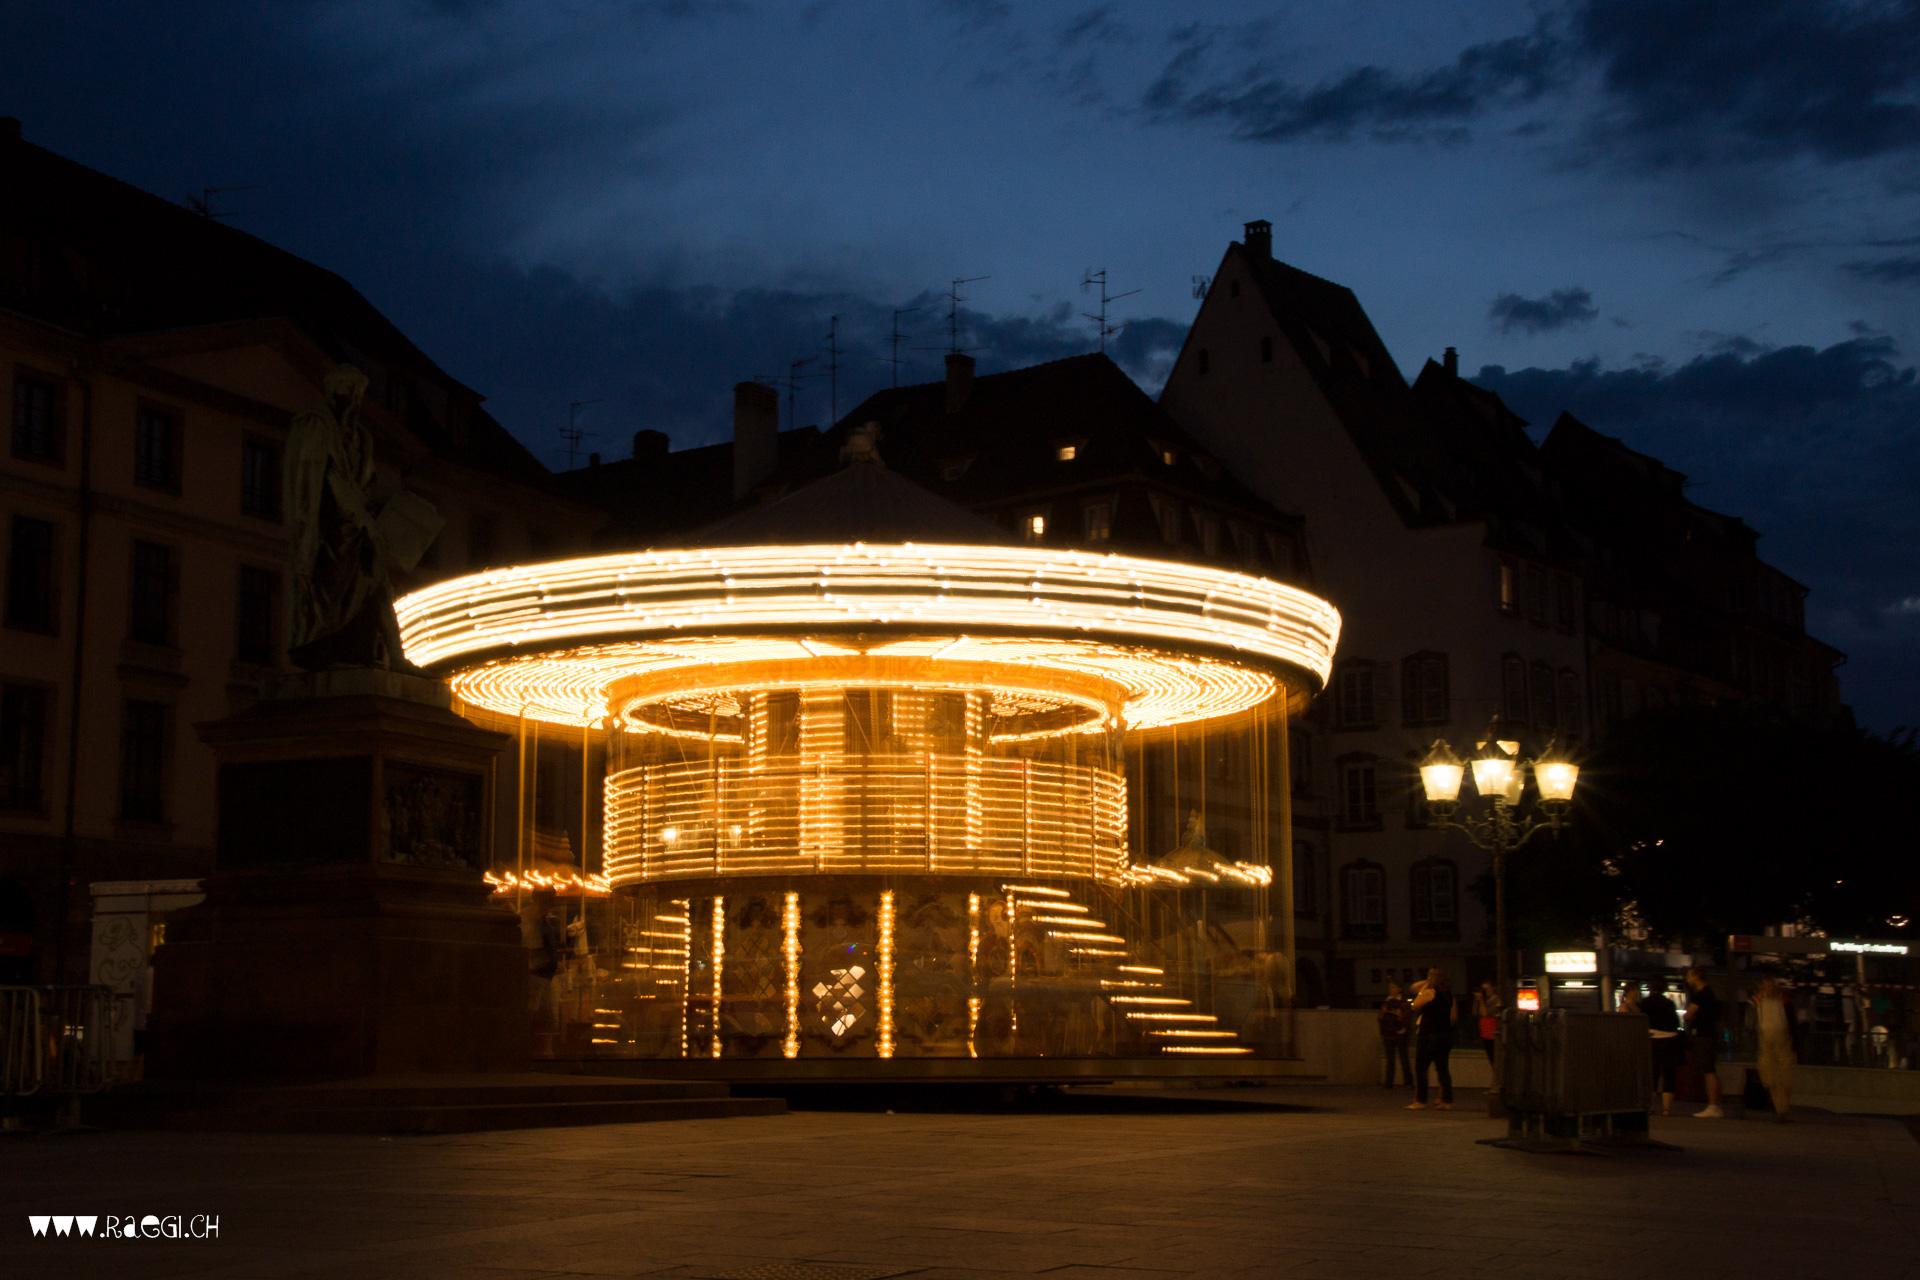 Karussell am Place Gutenberg in Strassburg